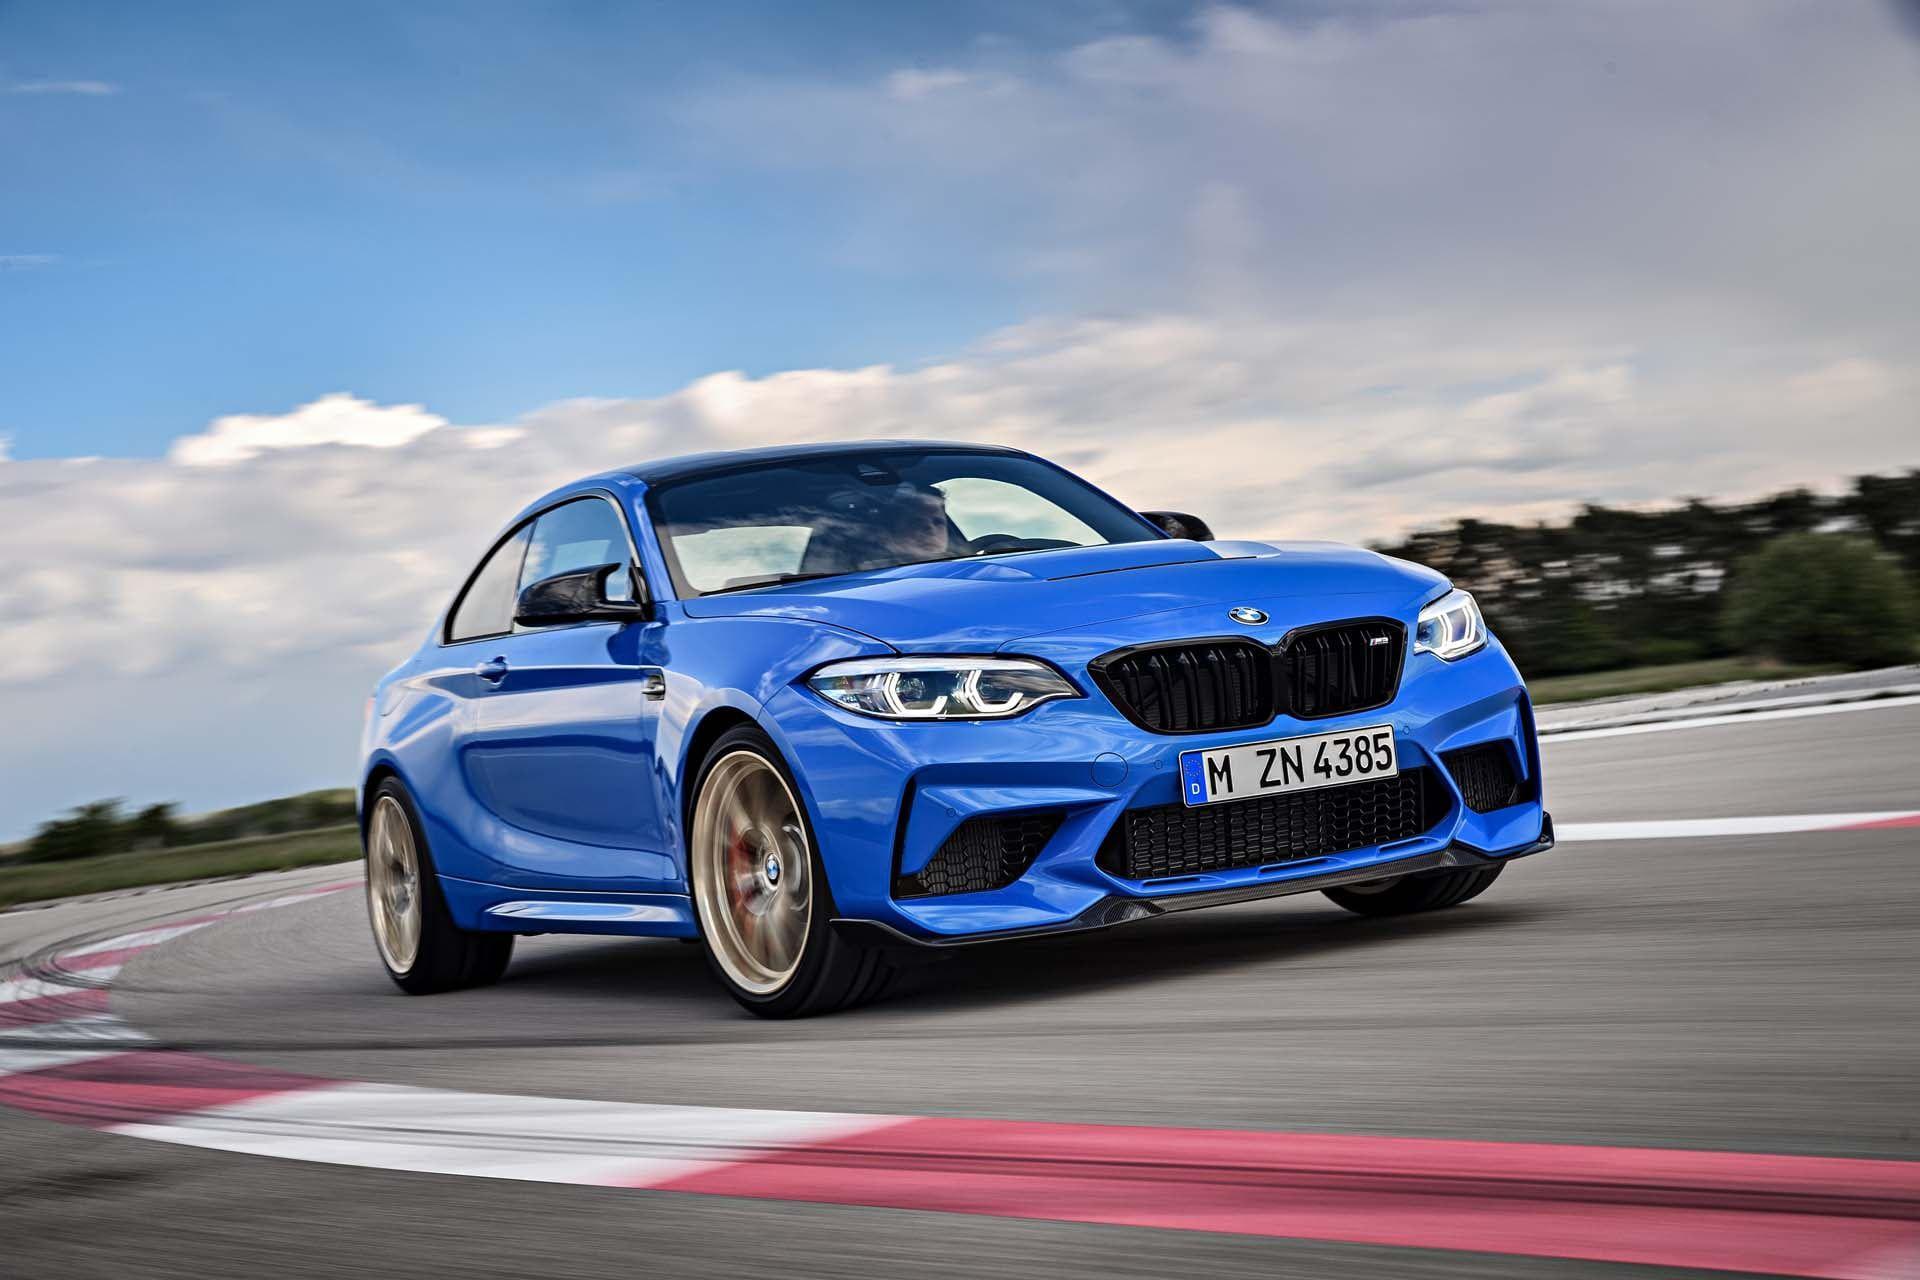 BMW M CS premijera driveteam